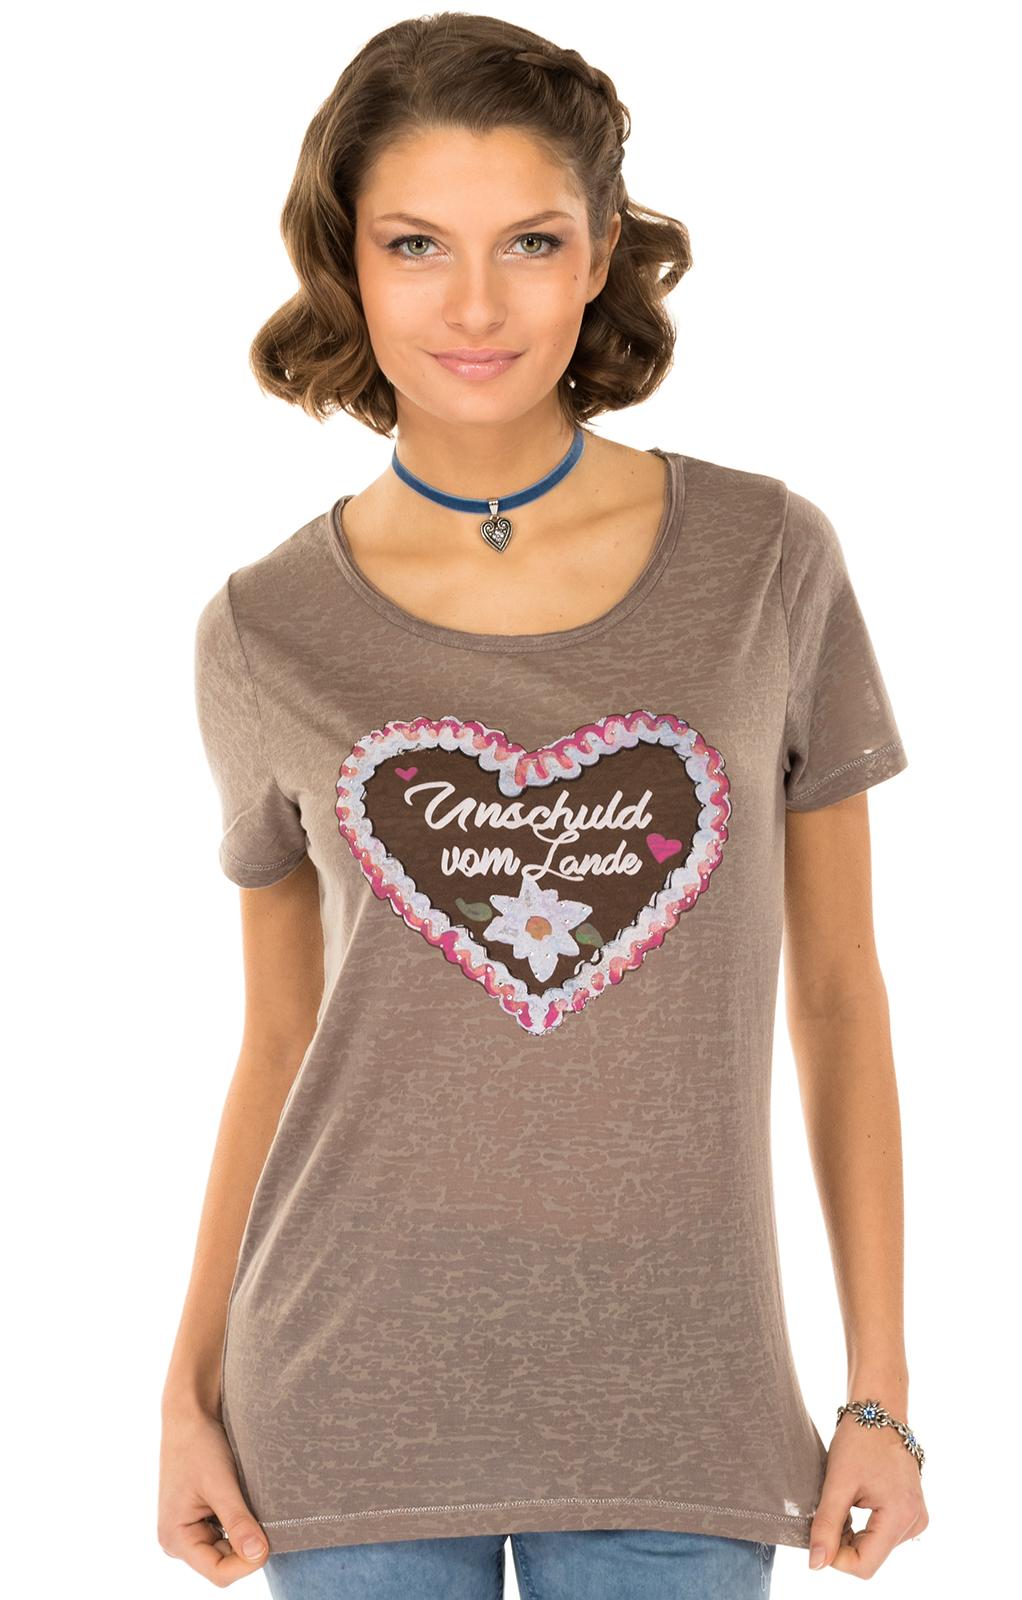 Trachten T-Shirt ANTARES funghi Herzmotiv von Hangowear